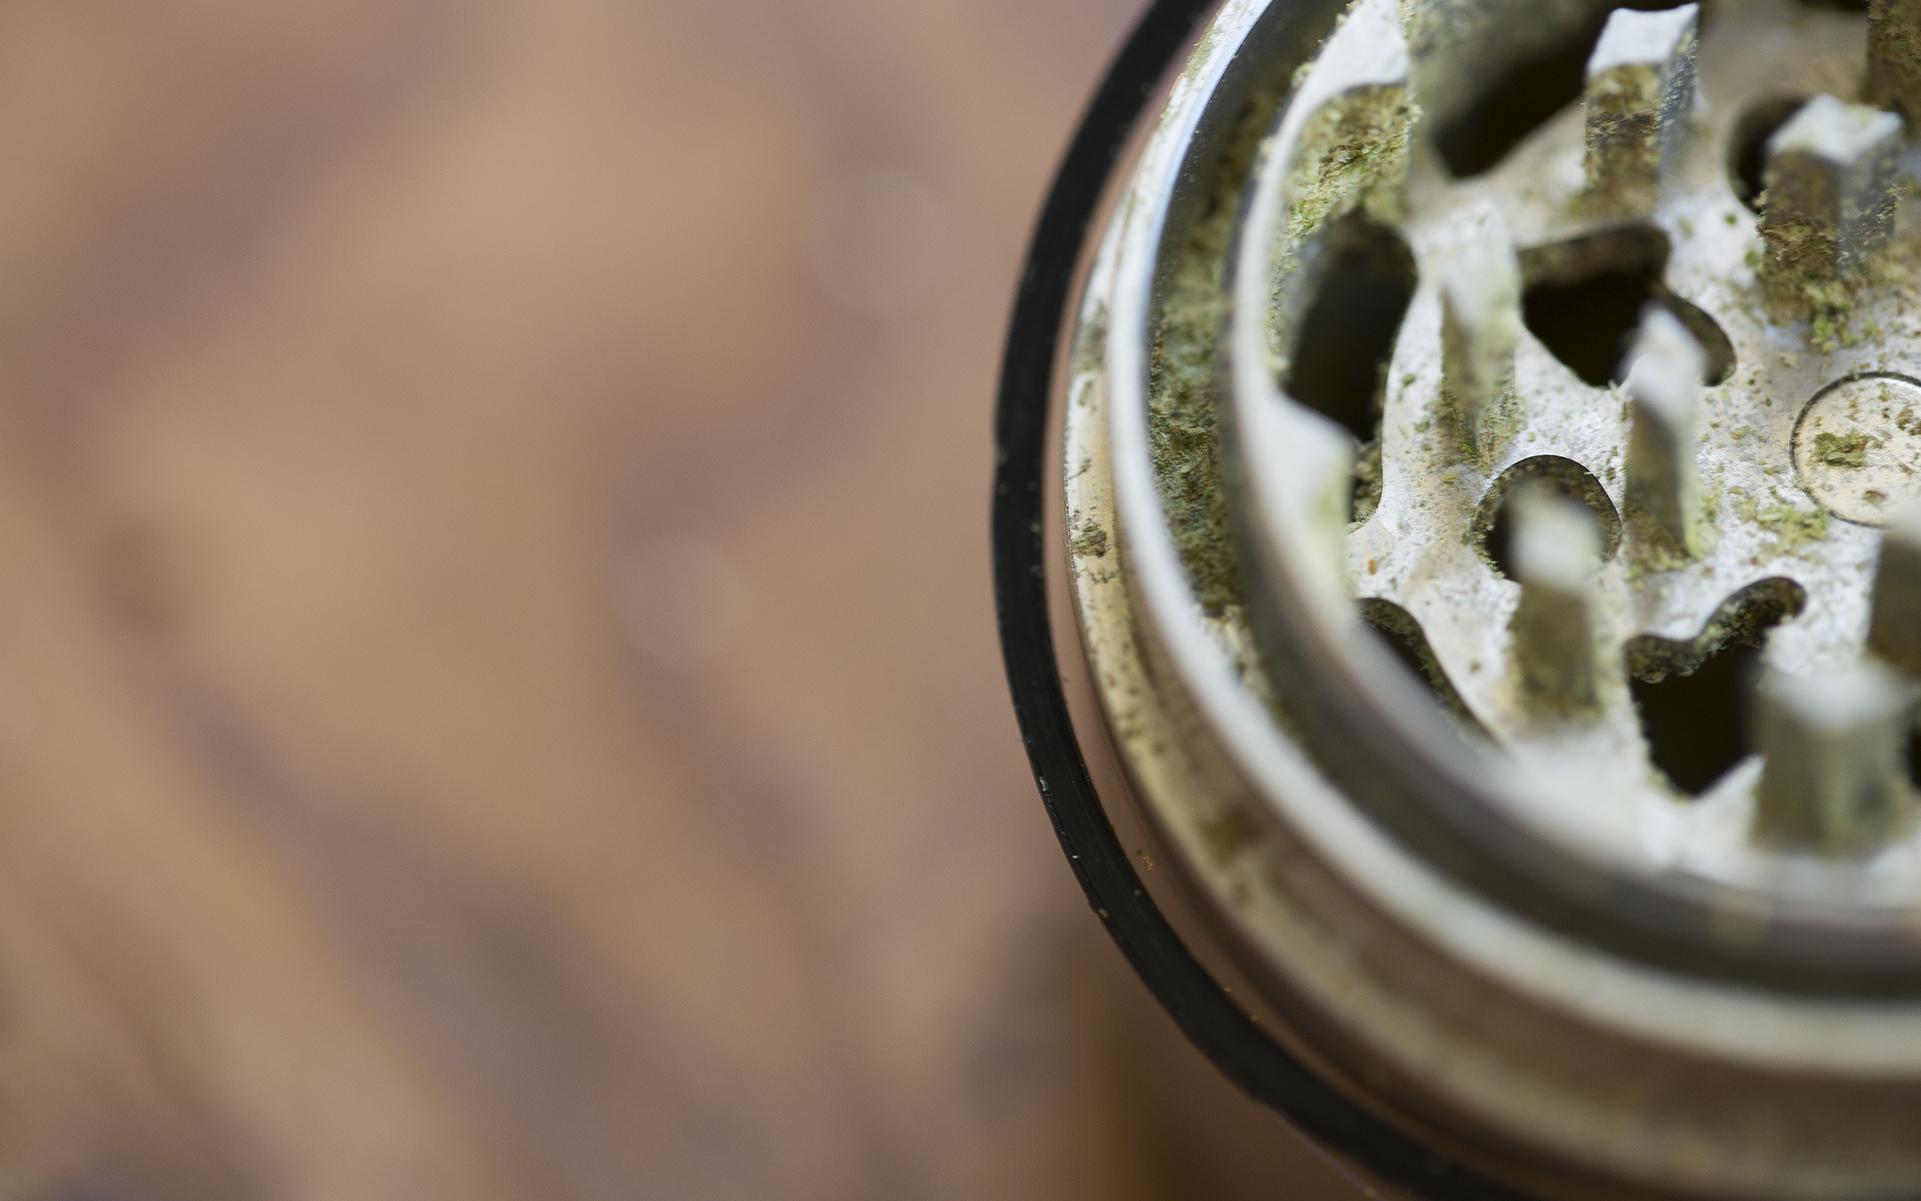 Stainless Steel Weed Grinder Image #4